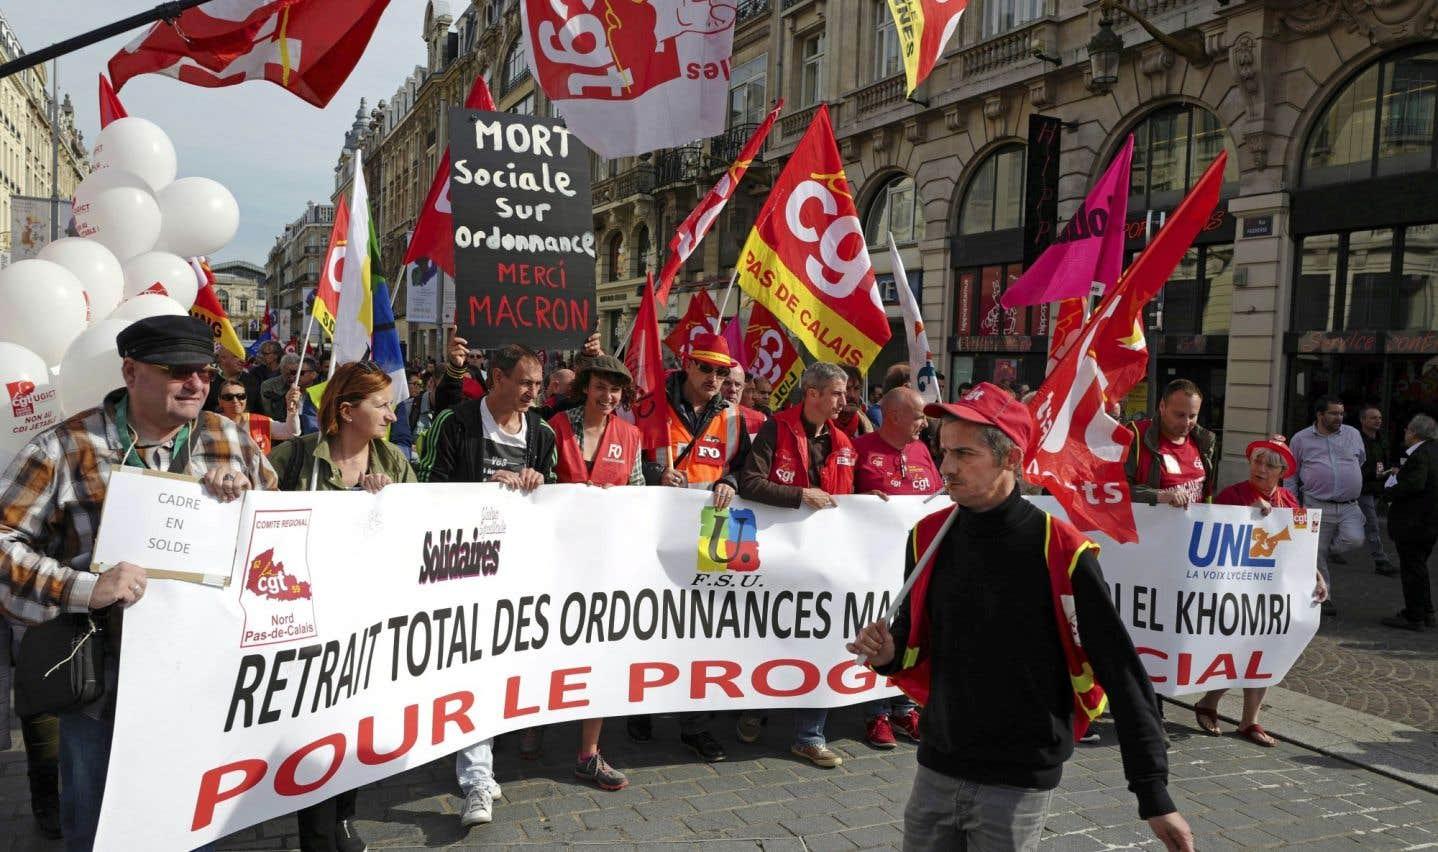 La mobilisation faiblit contre la réforme du droit du travail